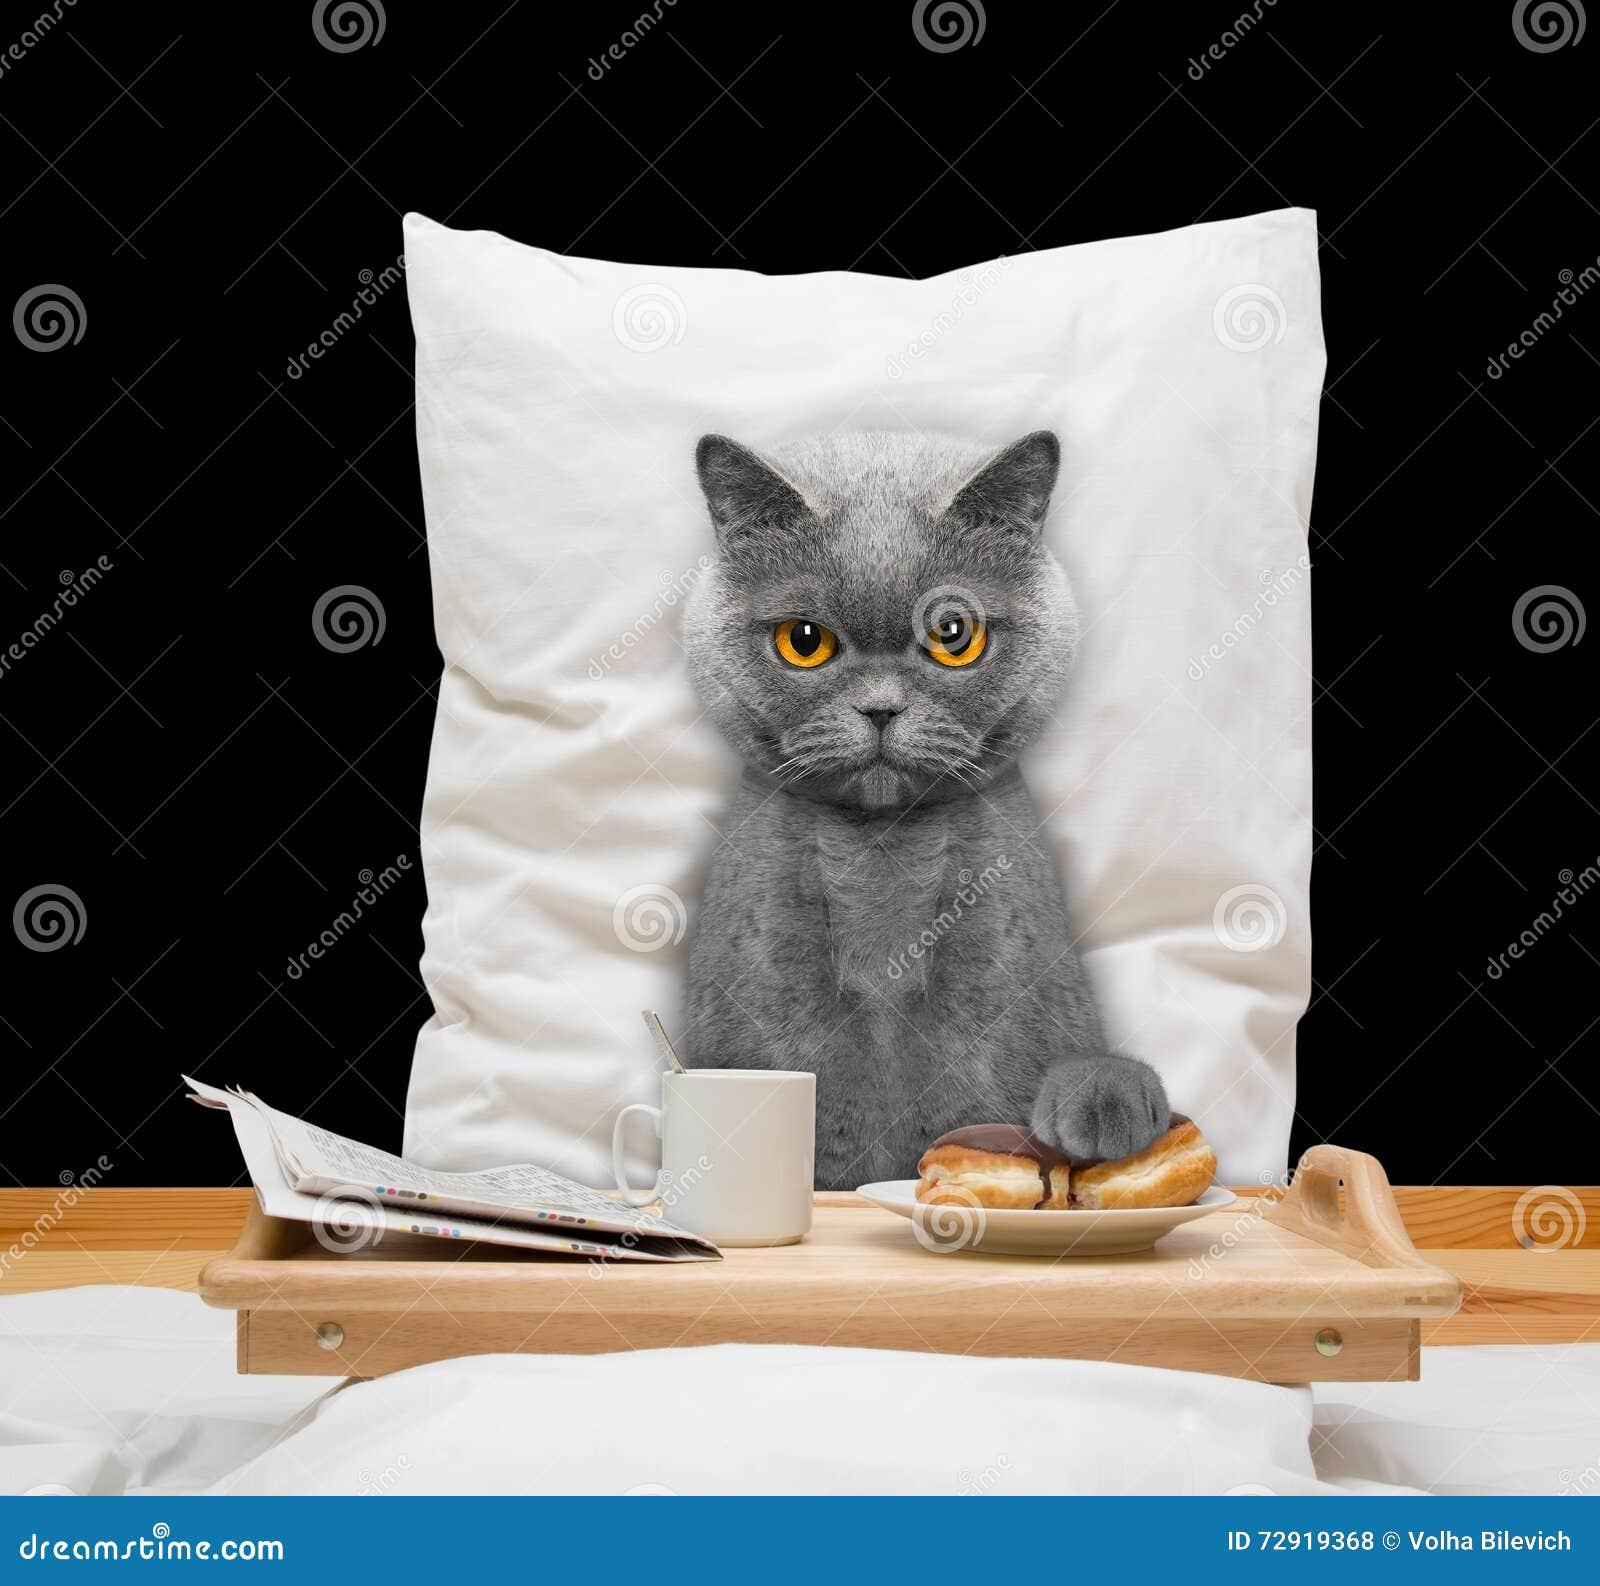 Katten äter i säng och drink